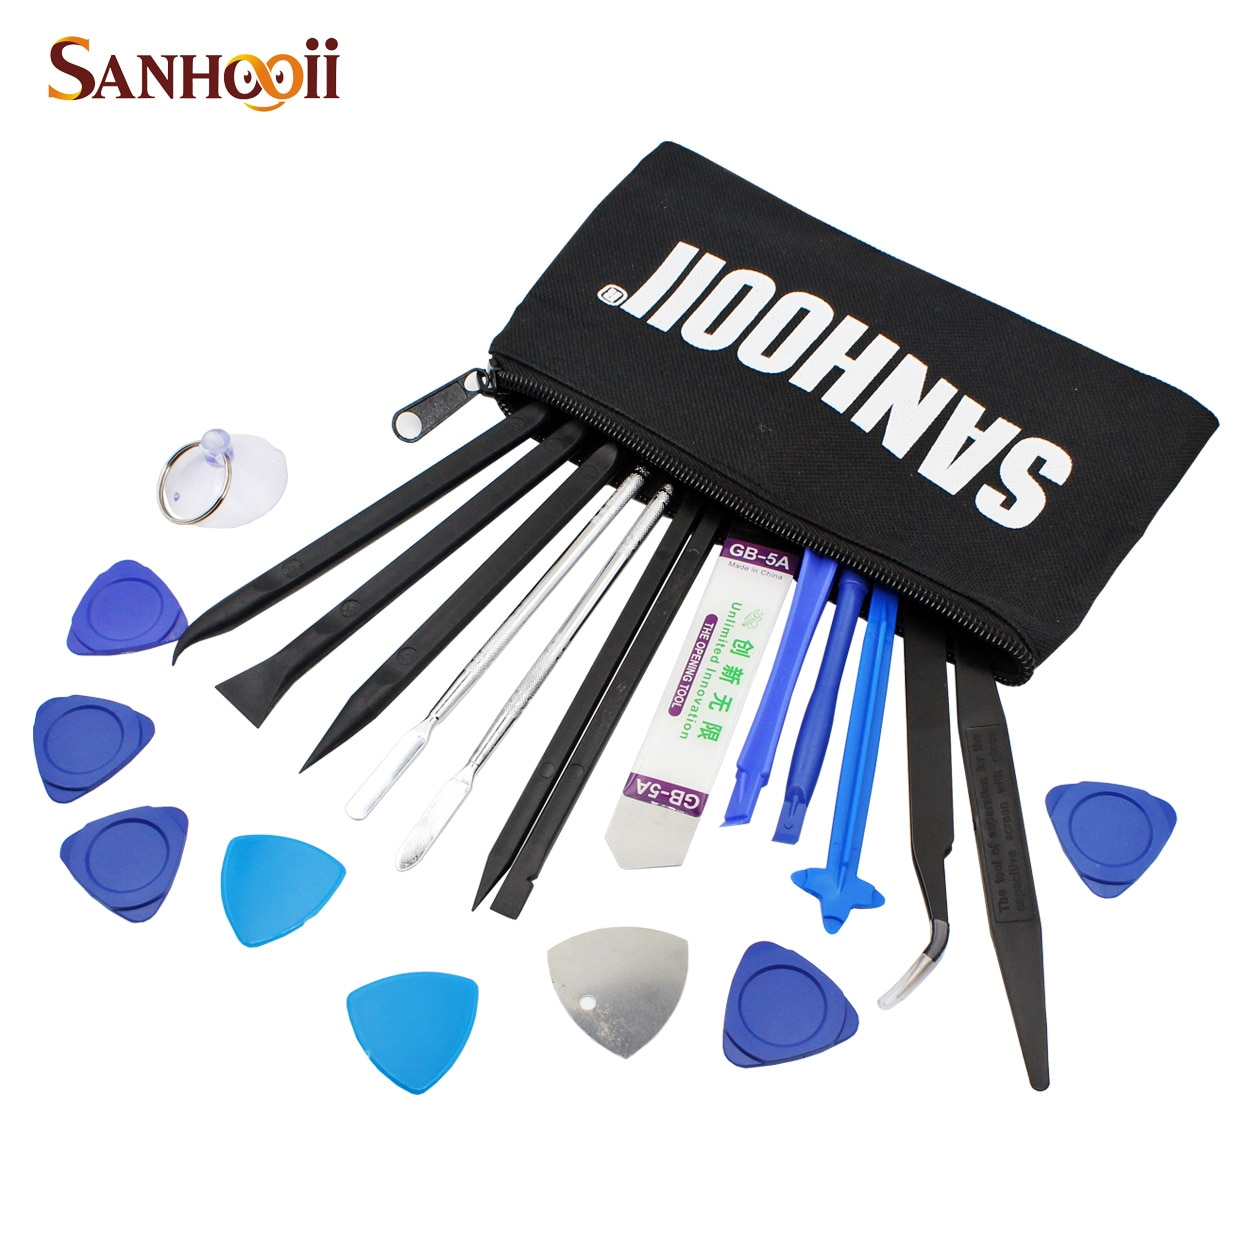 Набор инструментов для ремонта мобильных телефонов, металлический прибор для вскрытия экрана, прищепка для ТВ-приставки, игрушечный игрово...